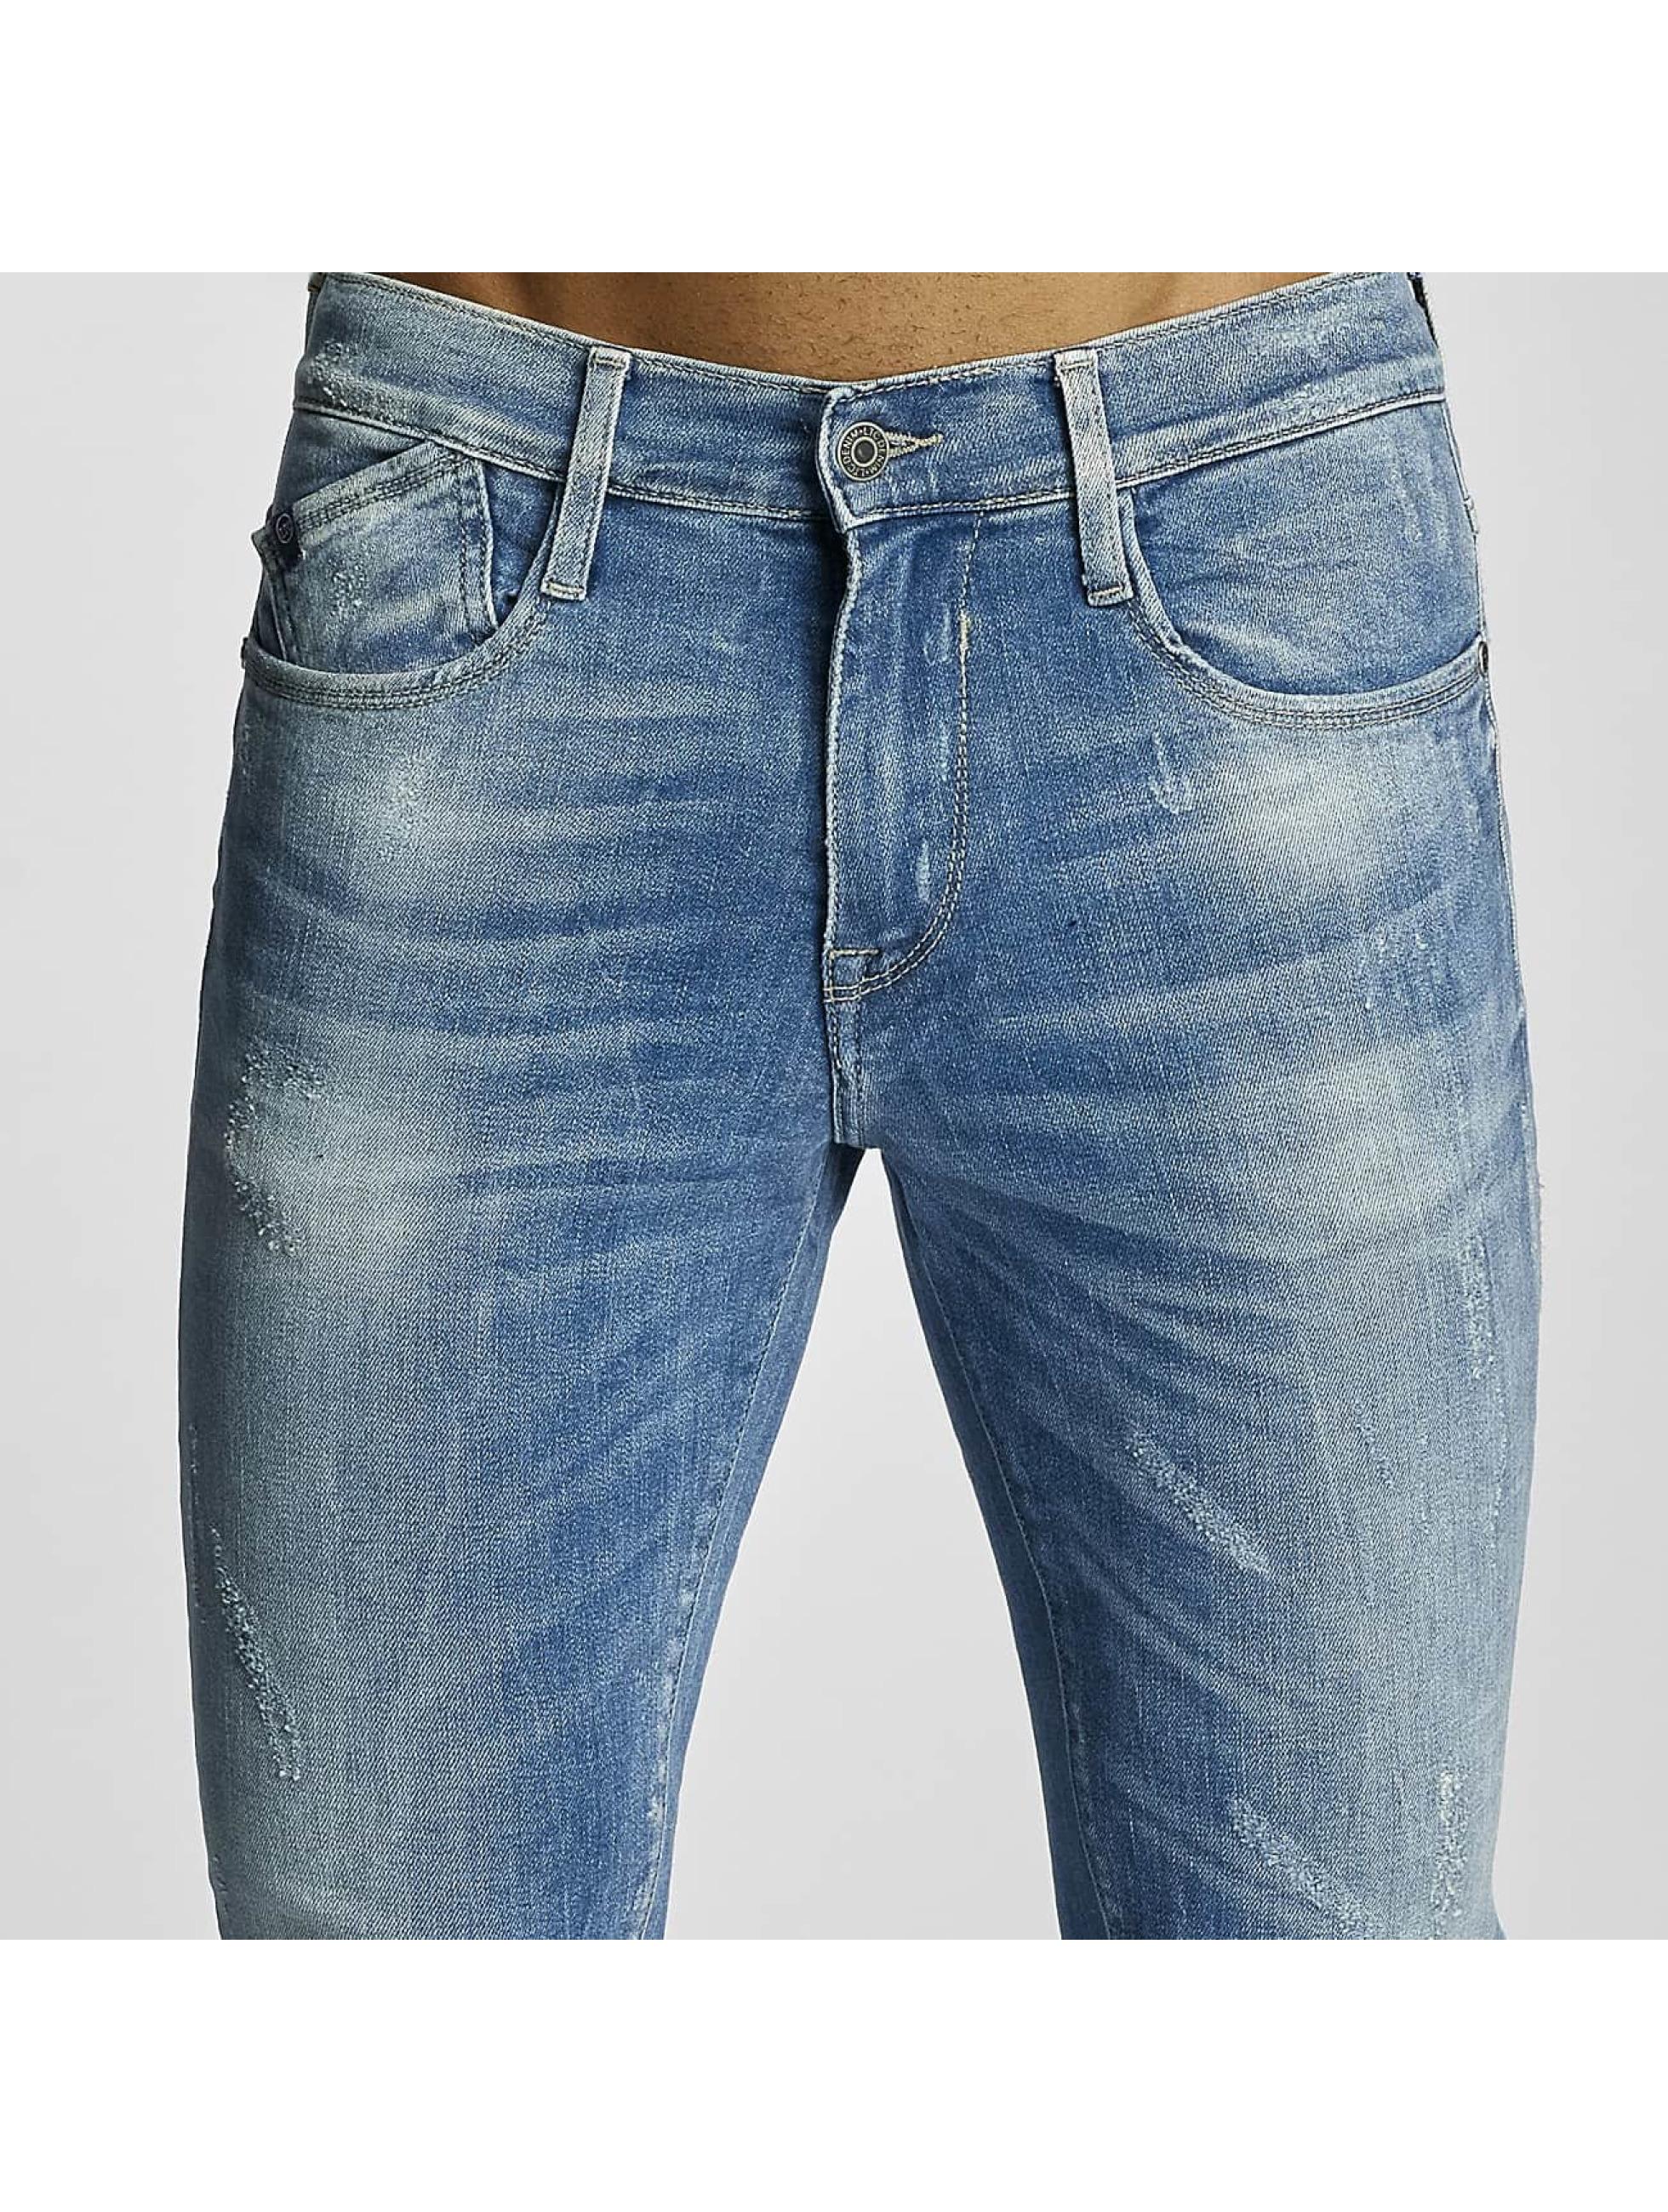 le temps des cerises 715 power bleu homme jean slim le temps des cerises acheter pas cher jean. Black Bedroom Furniture Sets. Home Design Ideas